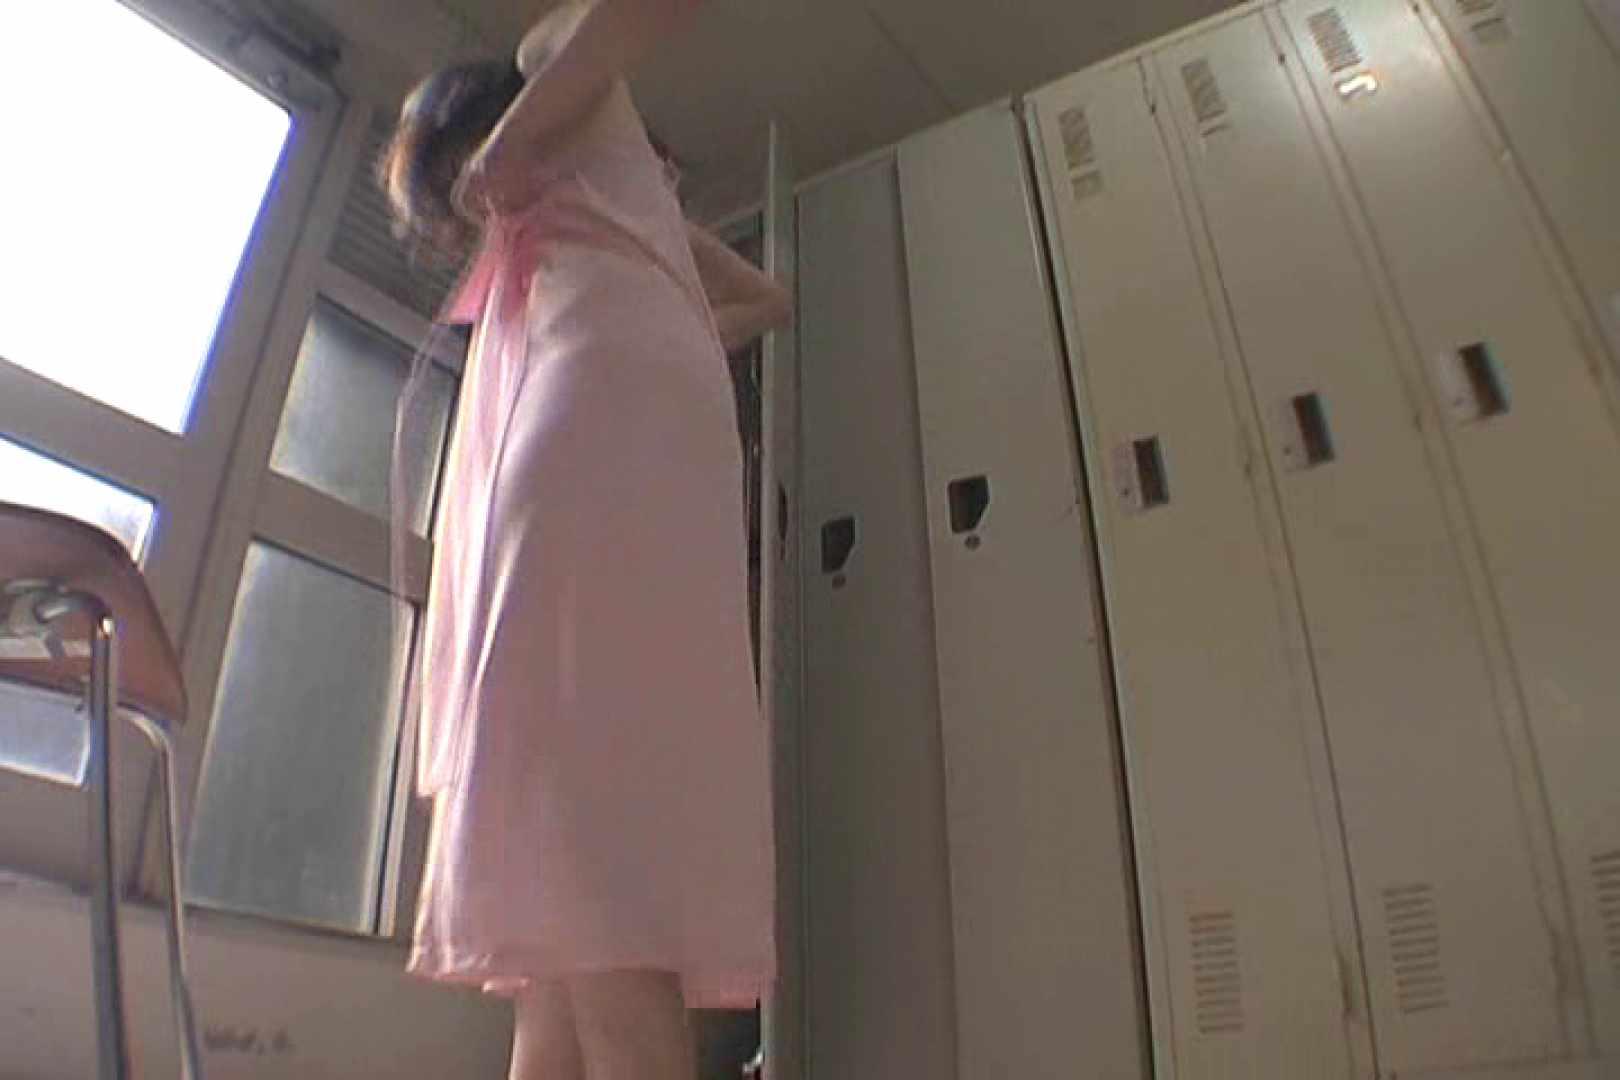 キャバ嬢舞台裏Vol.2 キャバ嬢 オマンコ無修正動画無料 66PIX 47